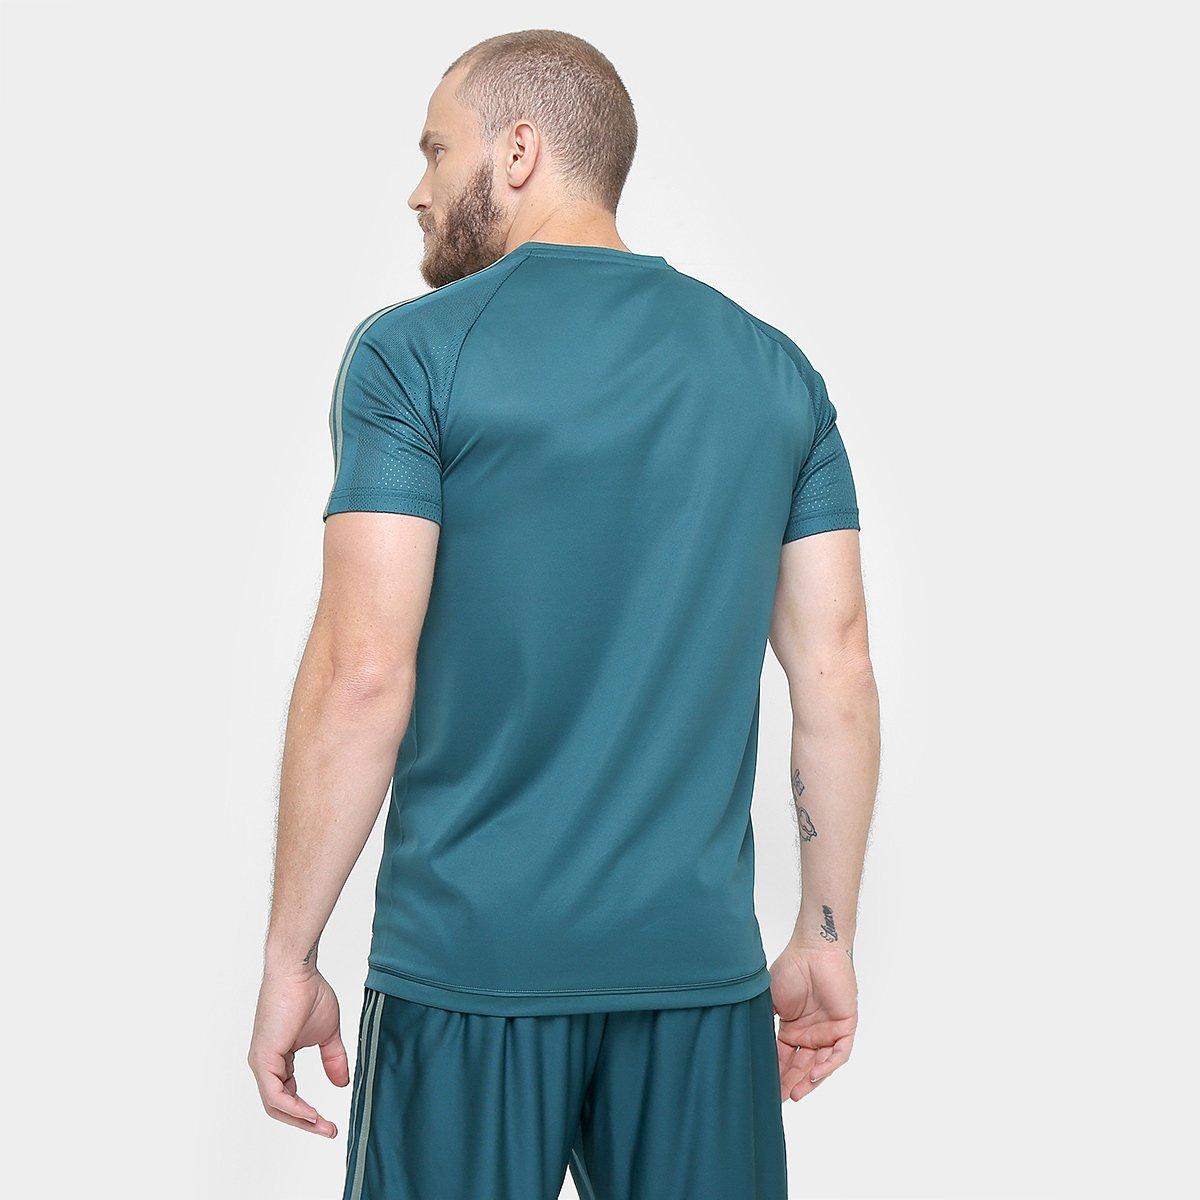 Camisa Palmeiras 17 18 Treino Adidas Masculina  b1eb96e0ecbb2